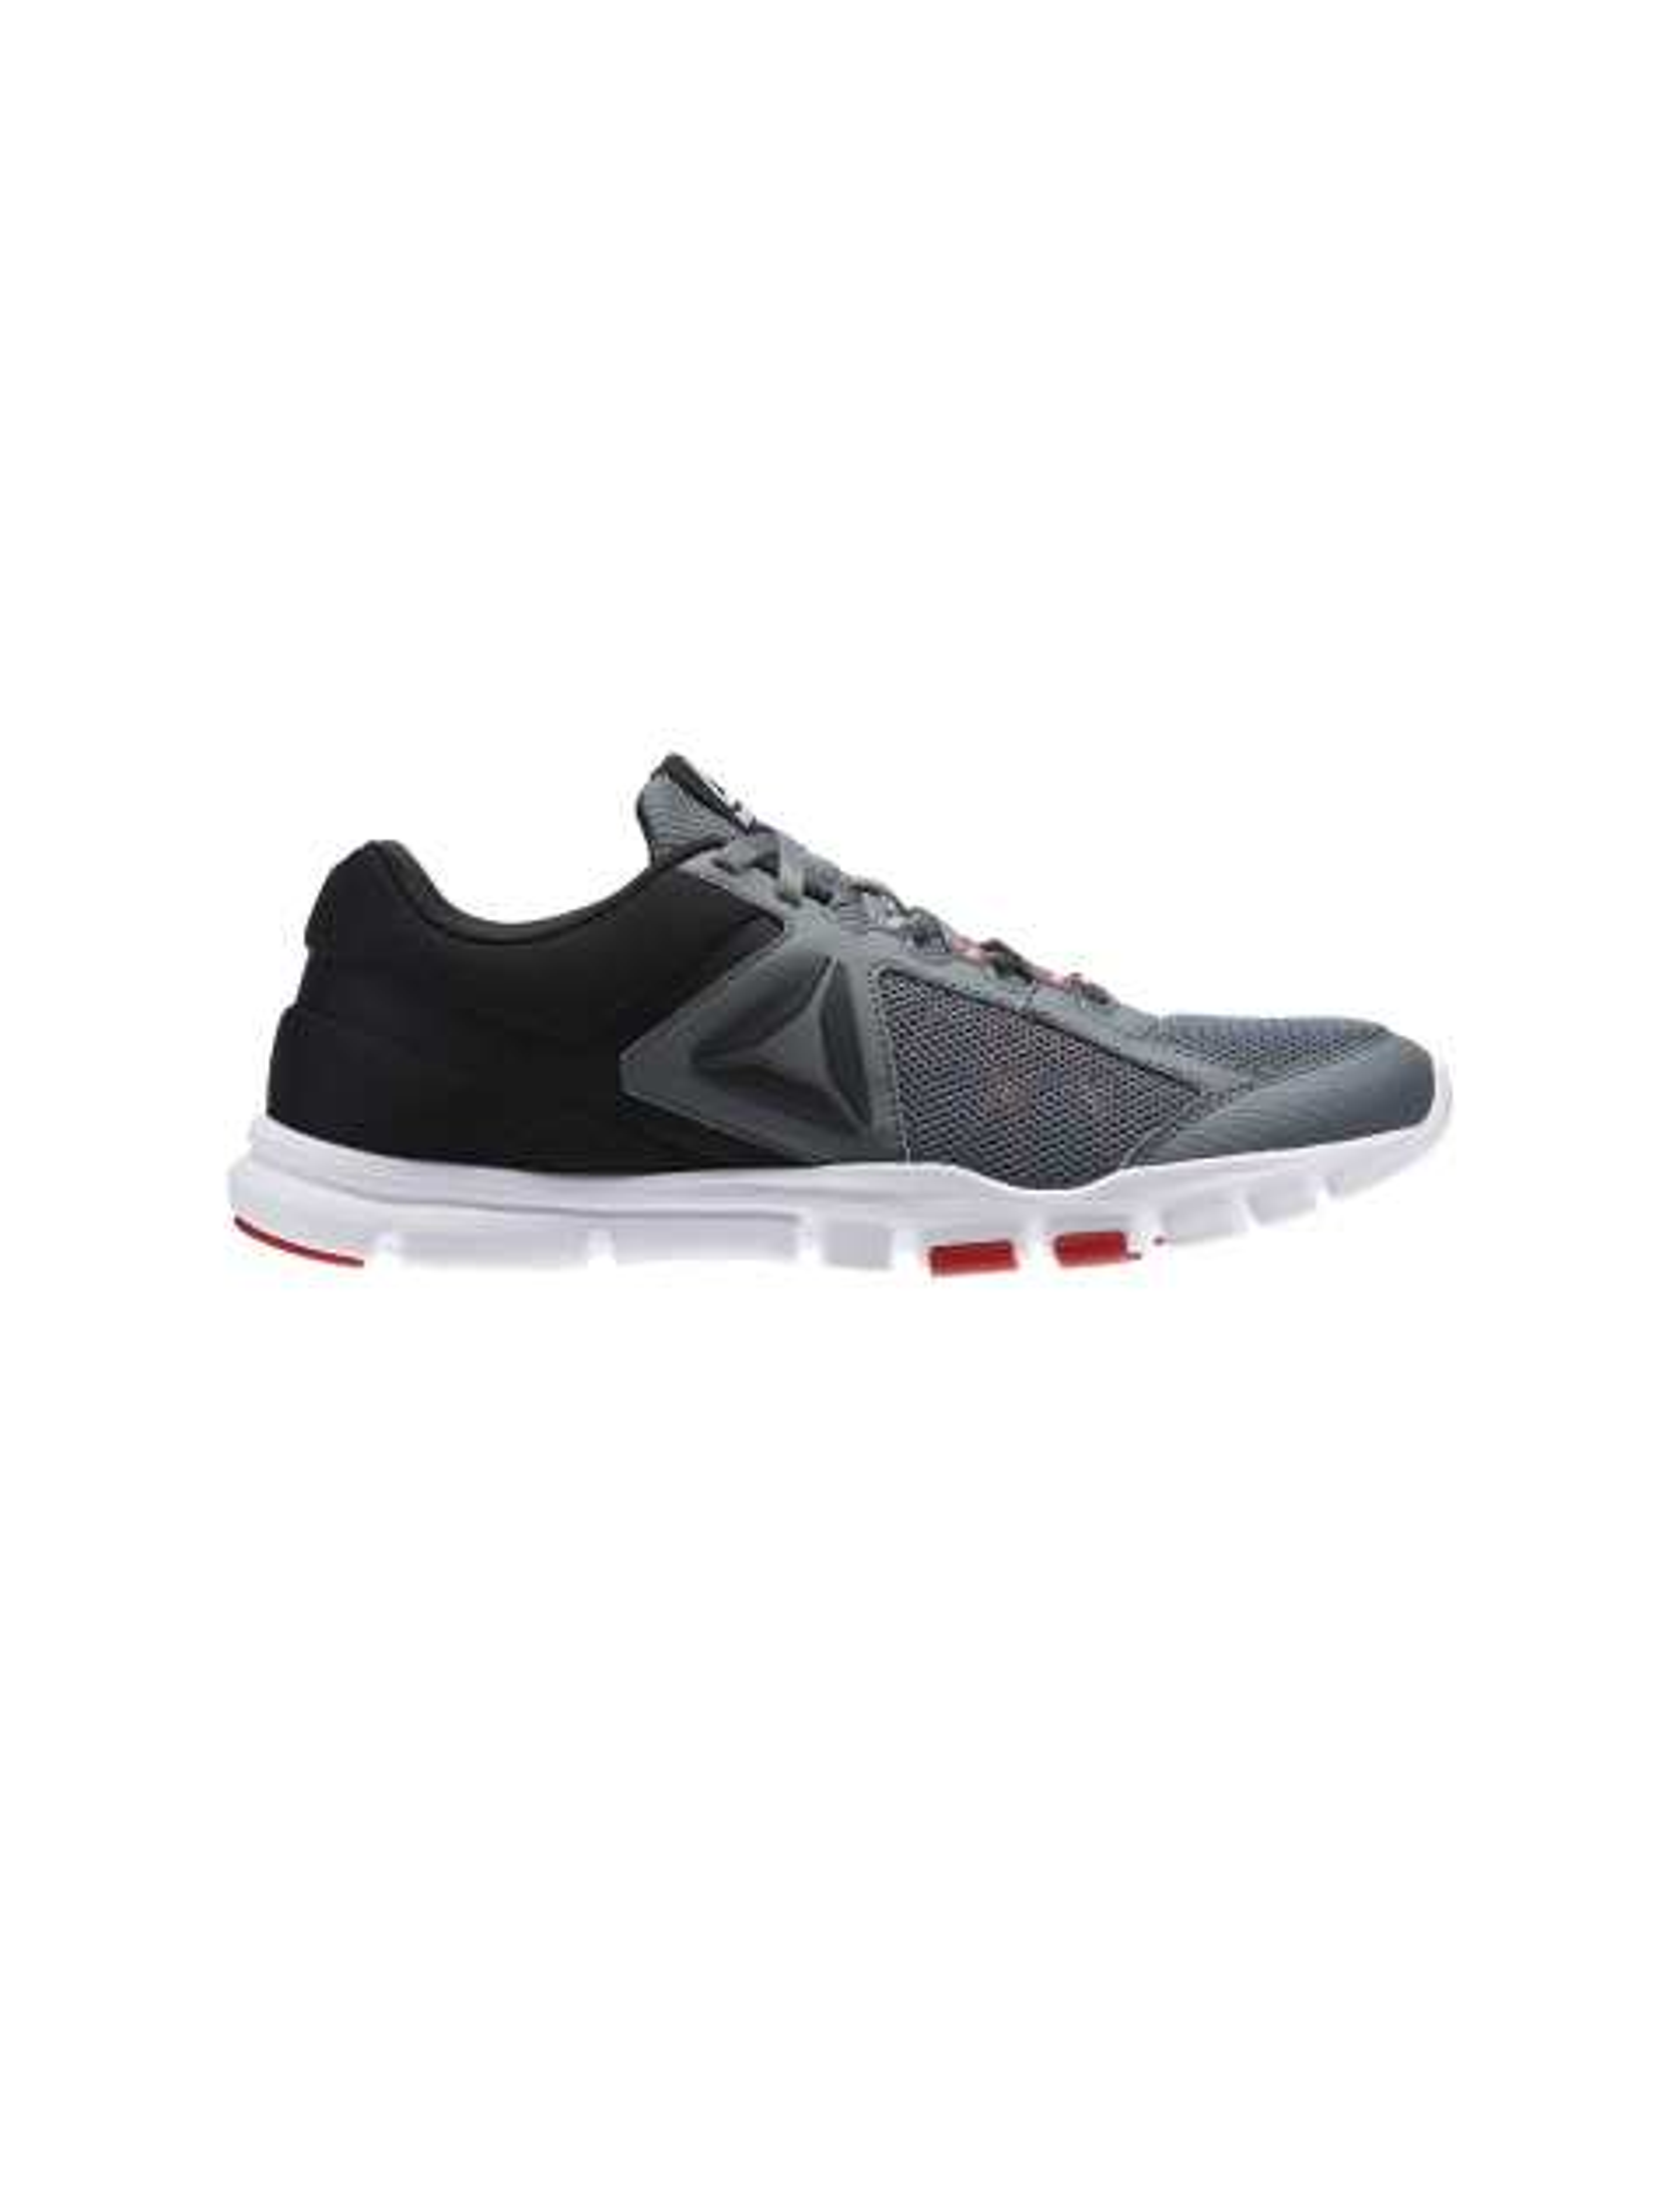 کفش مخصوص تمرین مردانه ریباک مدل Instalite Run کد BS5306